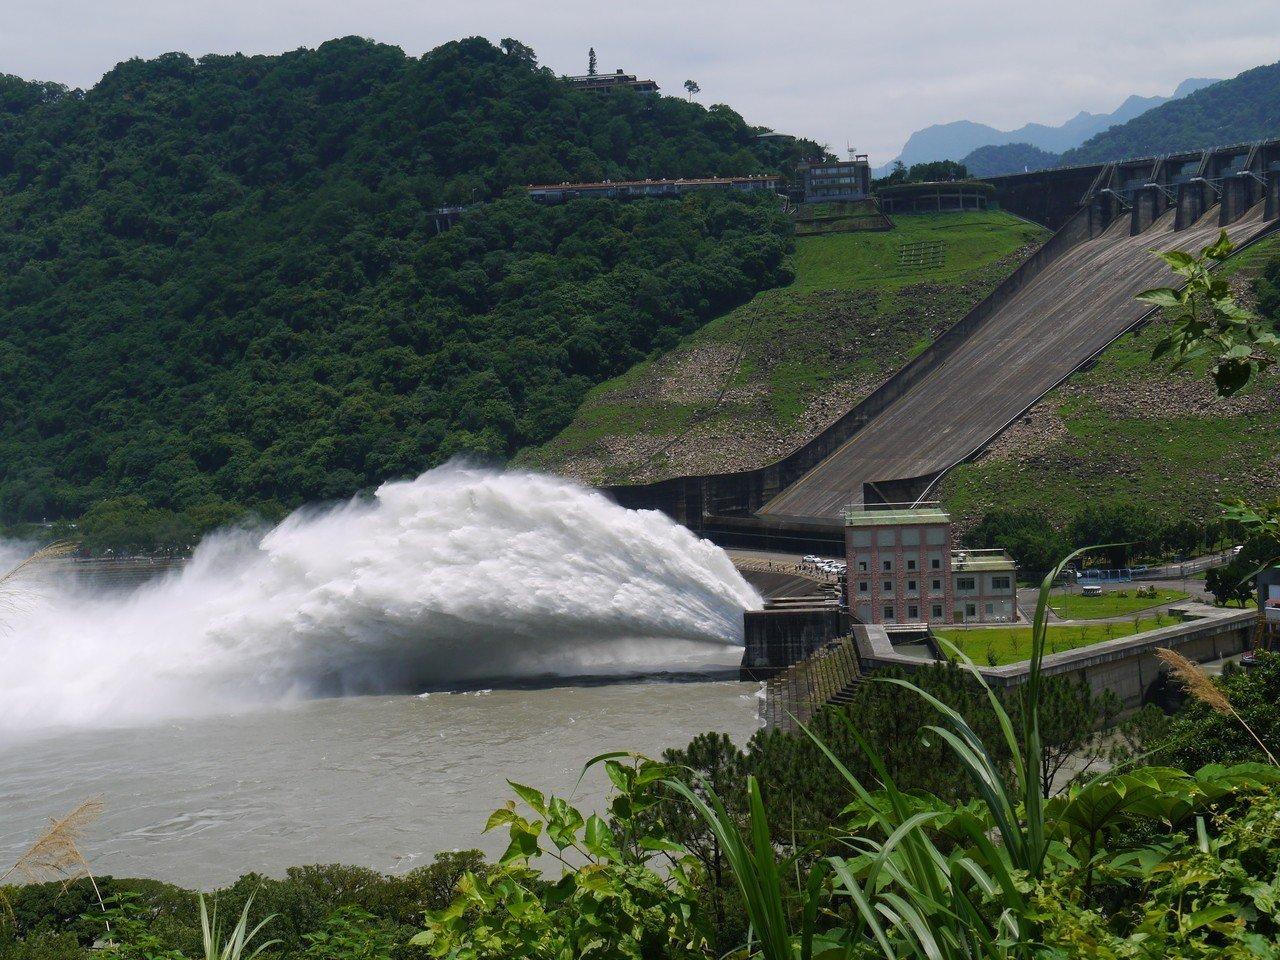 石門水庫今年首次開啟排砂隧道放水,場面壯觀。圖/經濟部北水局提供